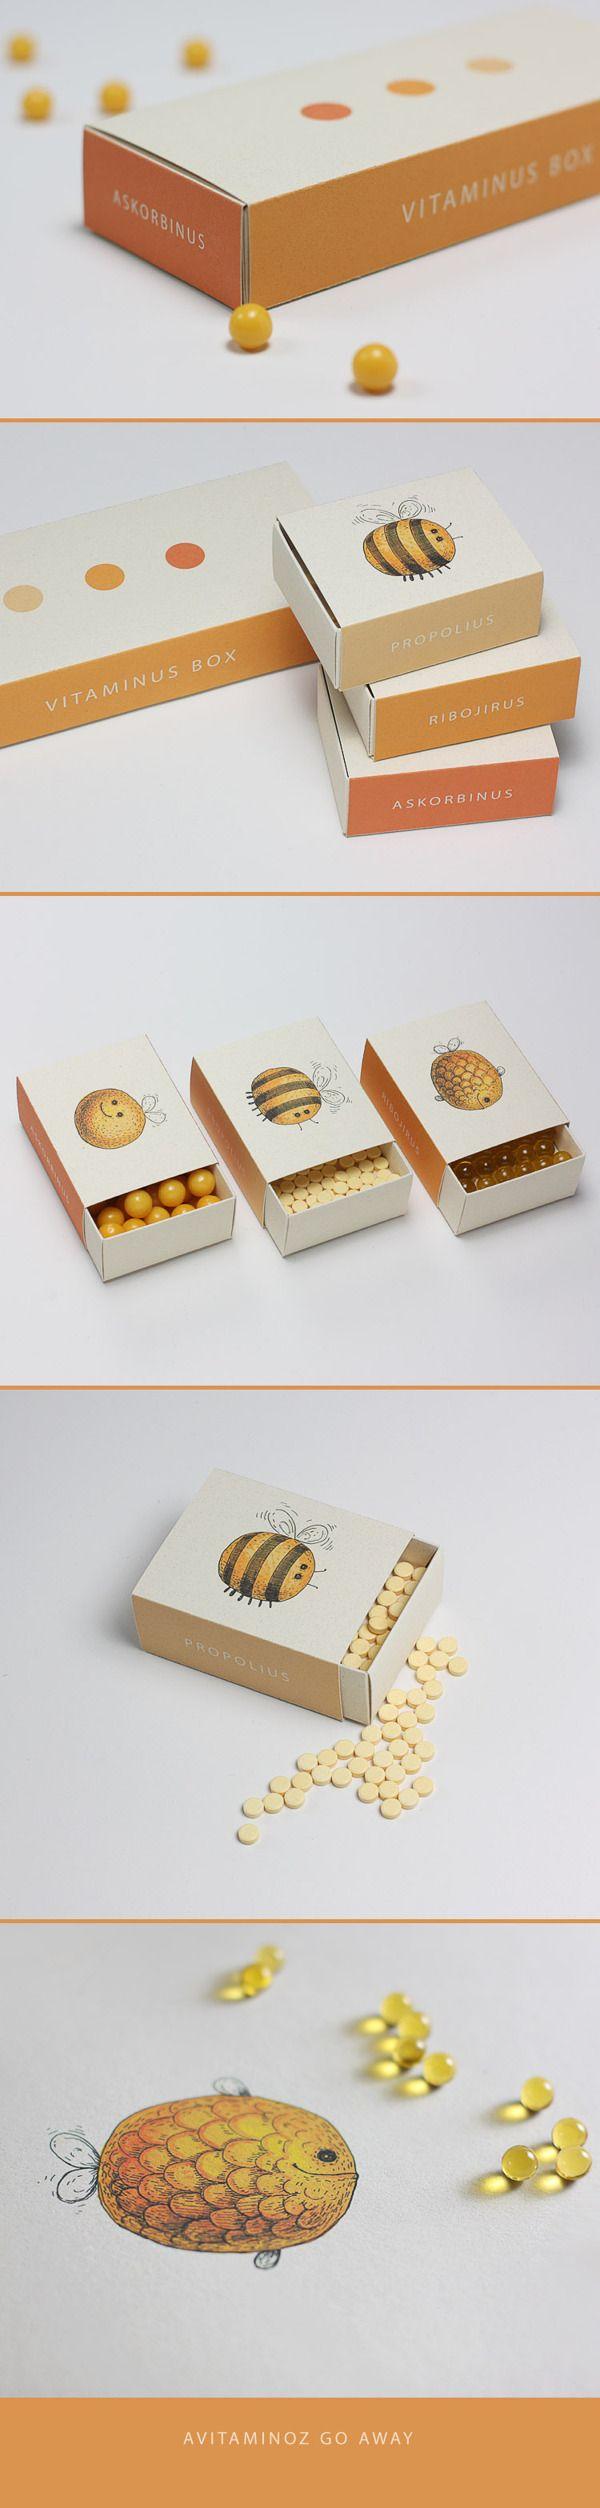 Alguém aí já viu embalagem de Vitaminas mais fofa do que essas aqui?  Designed by Multiple Owners